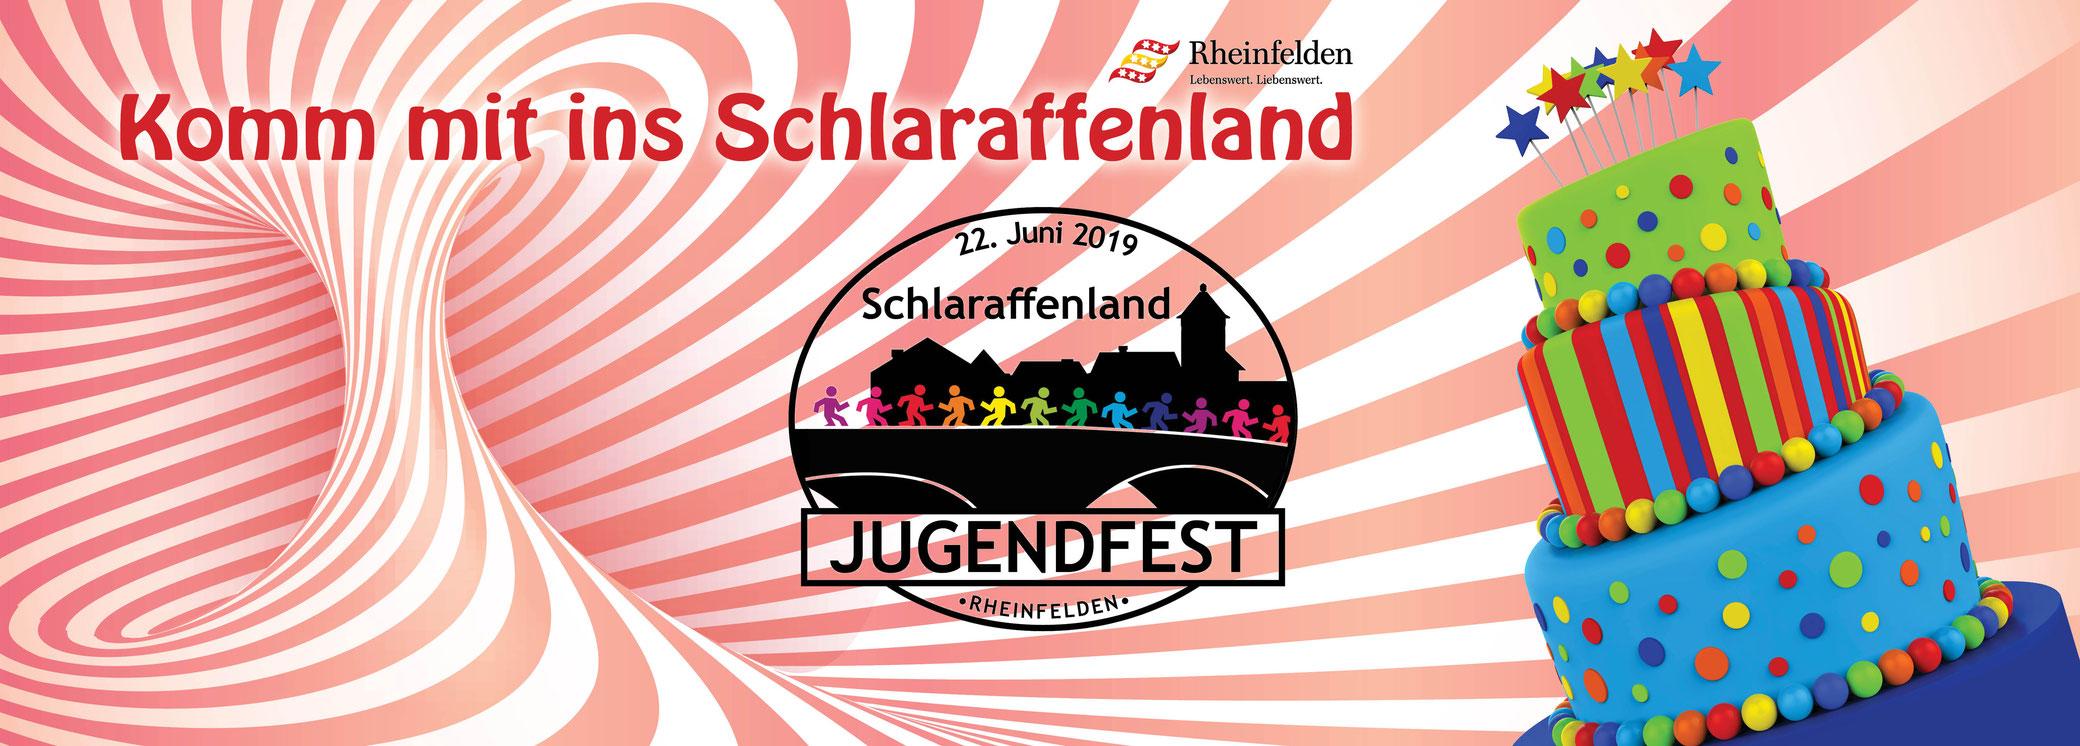 (c) Jufe.ch